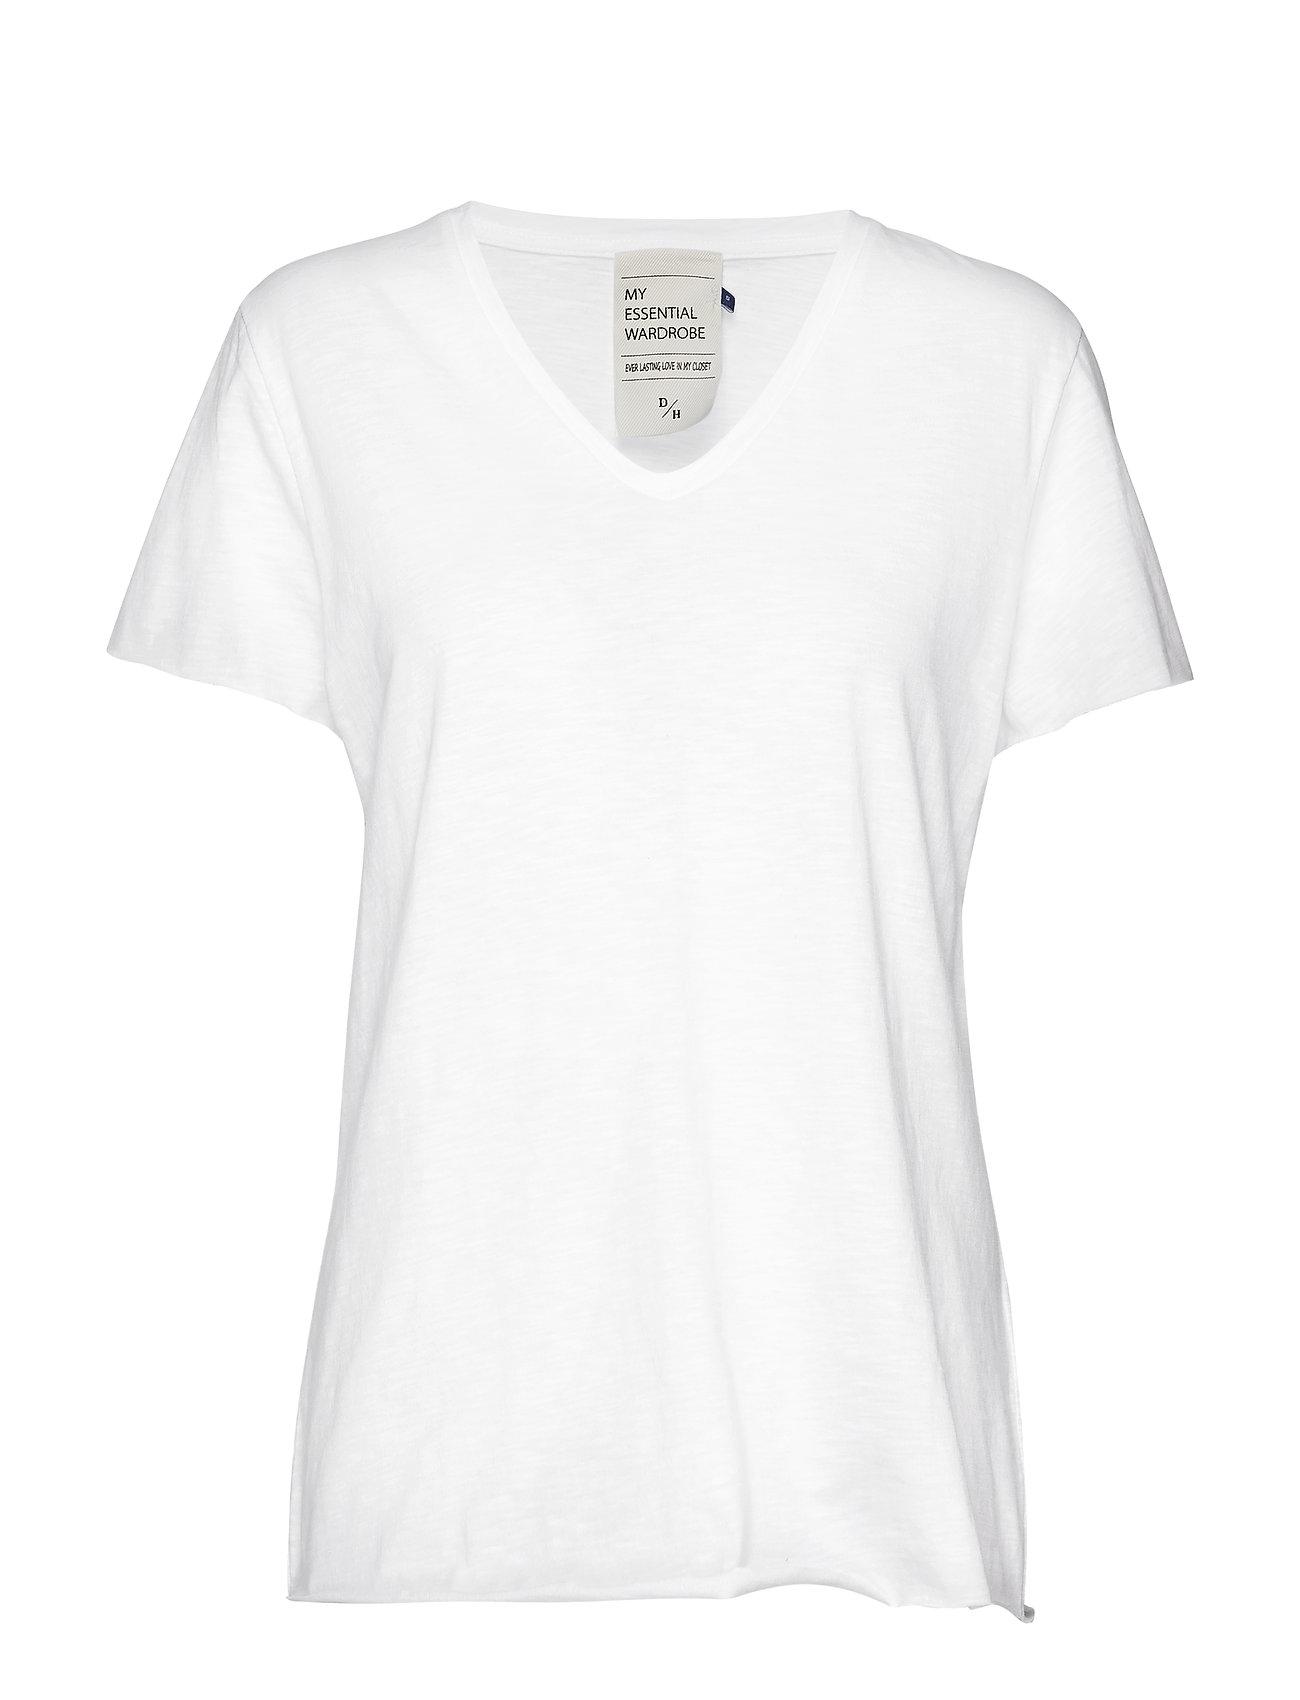 08 The Vtee Slub Yarn Jersey T-shirts & Tops Short-sleeved Valkoinen Denim Hunter